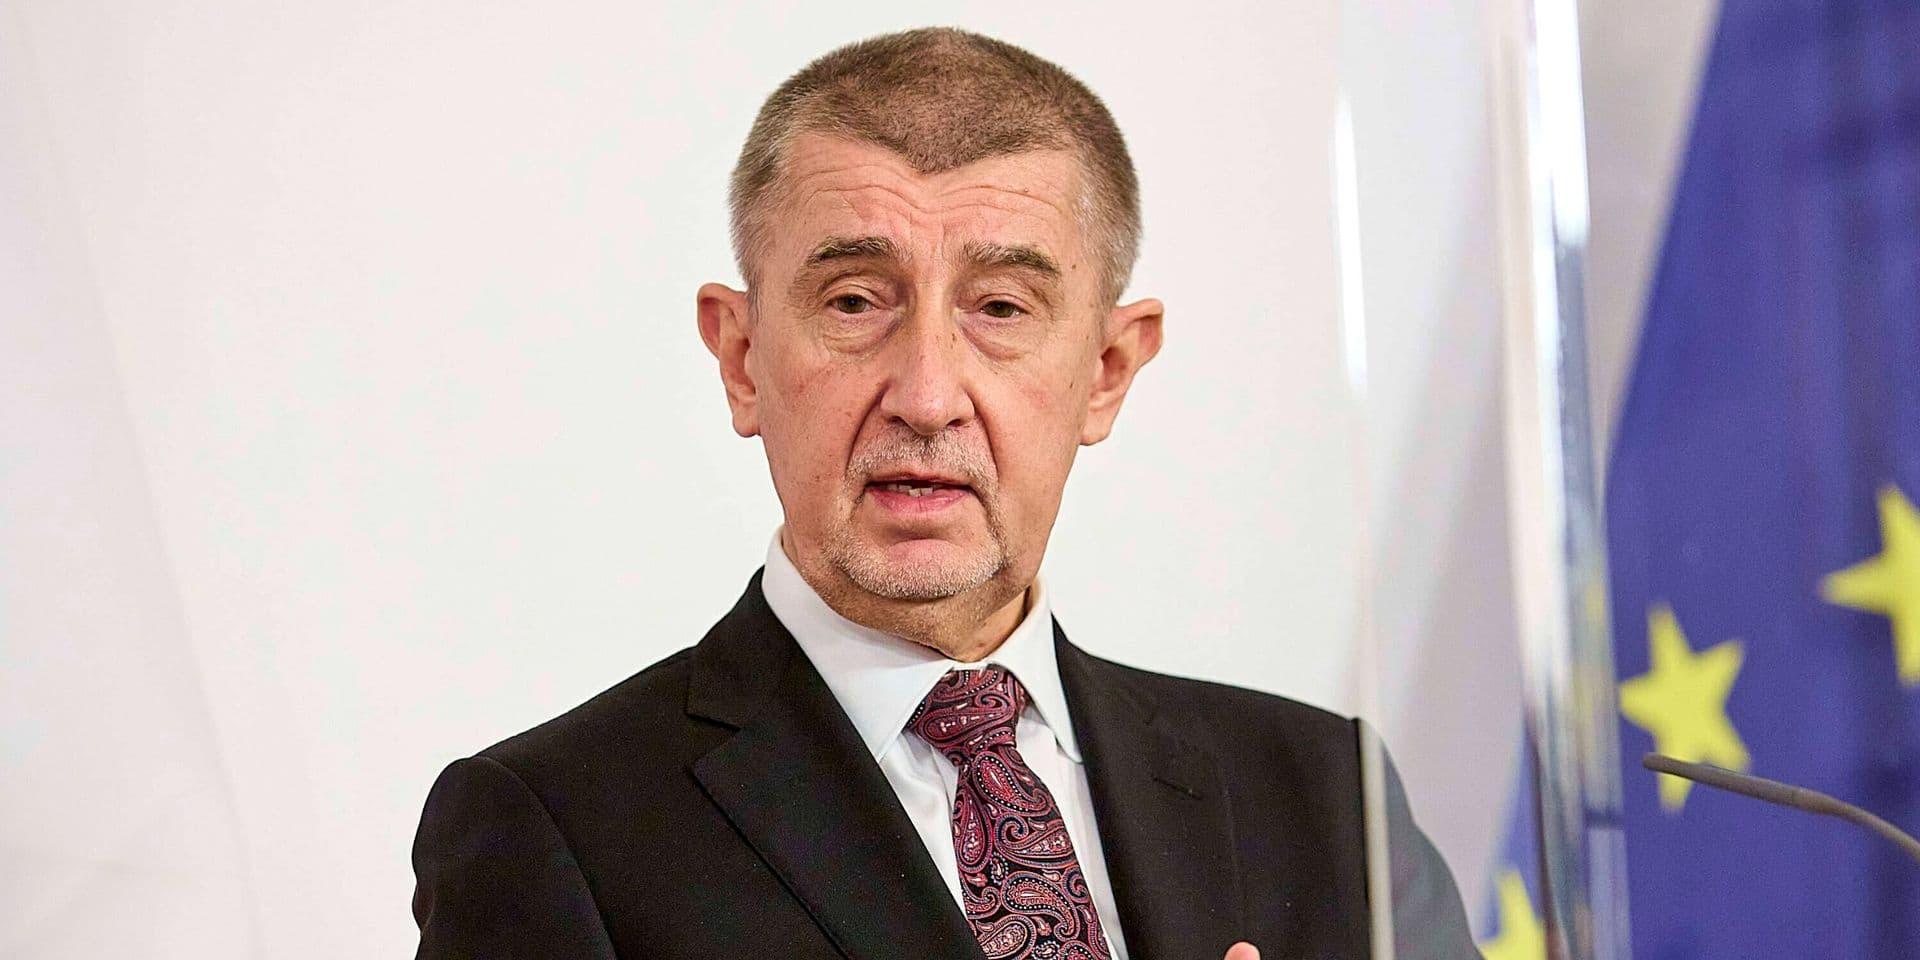 La confrontation entre Prague et Moscou bat son plein après les accusations de la République Tchèque à l'encontre du Kremlin